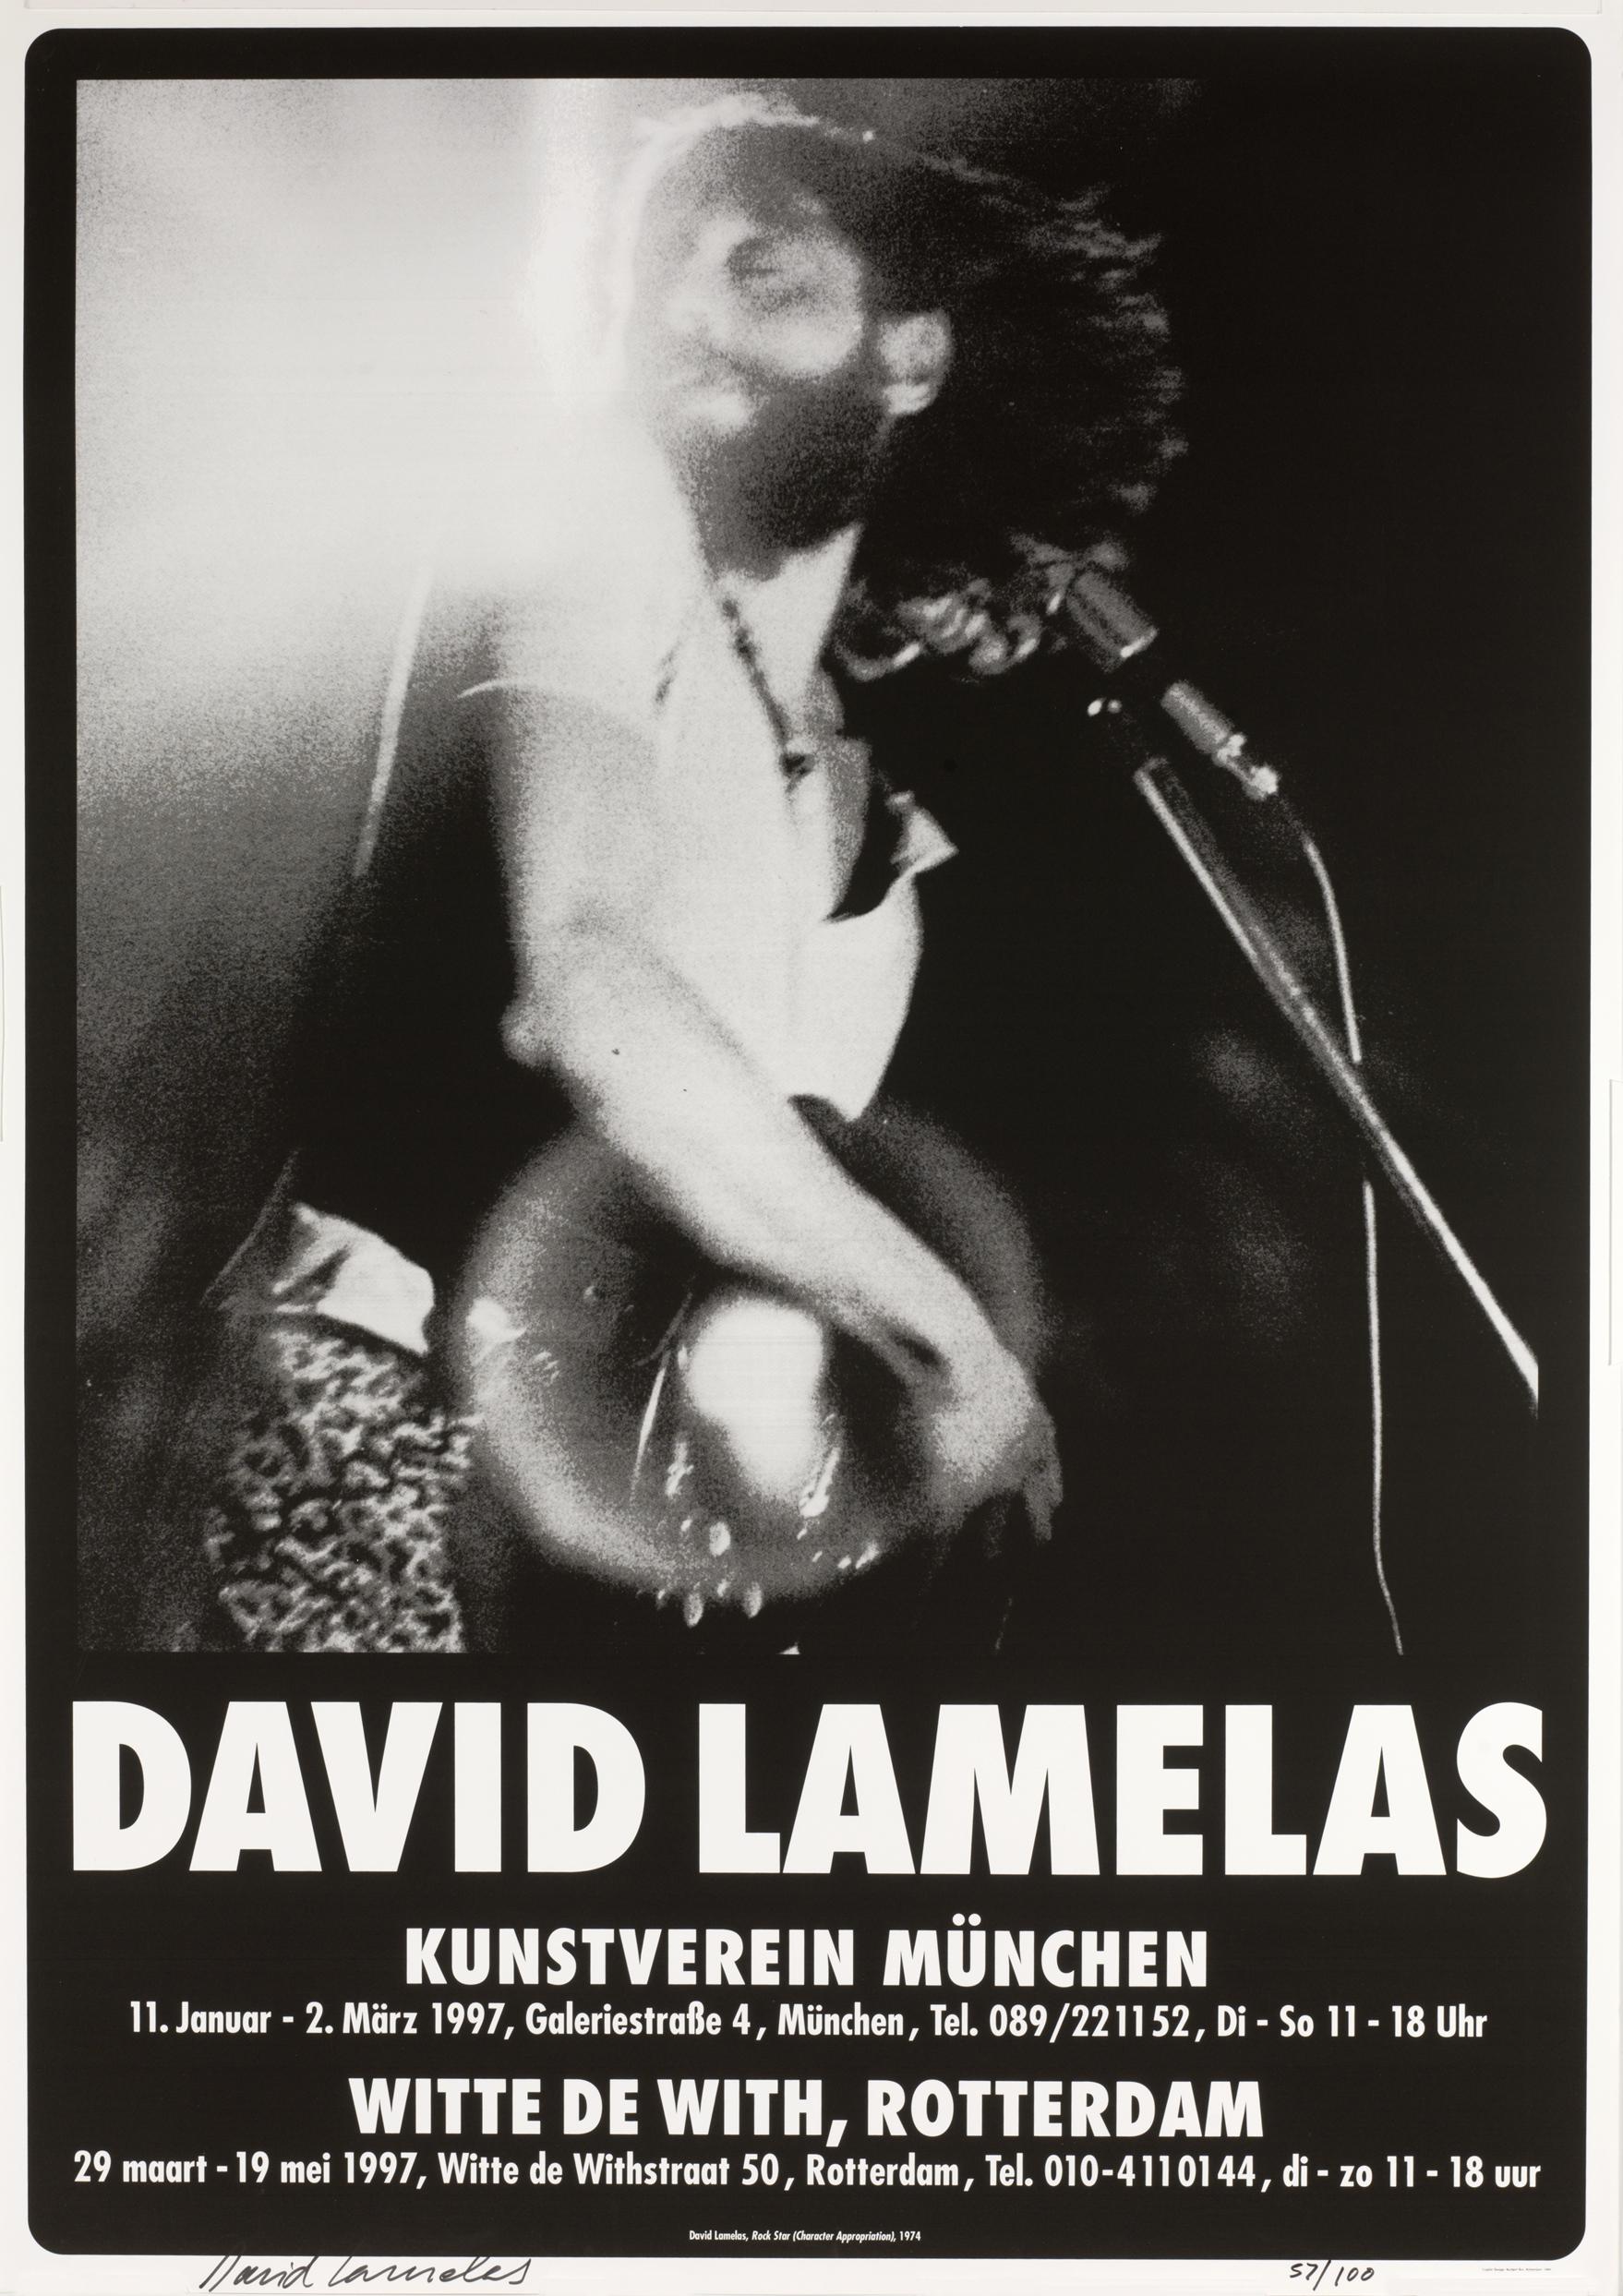 David Lamelas Rockstar